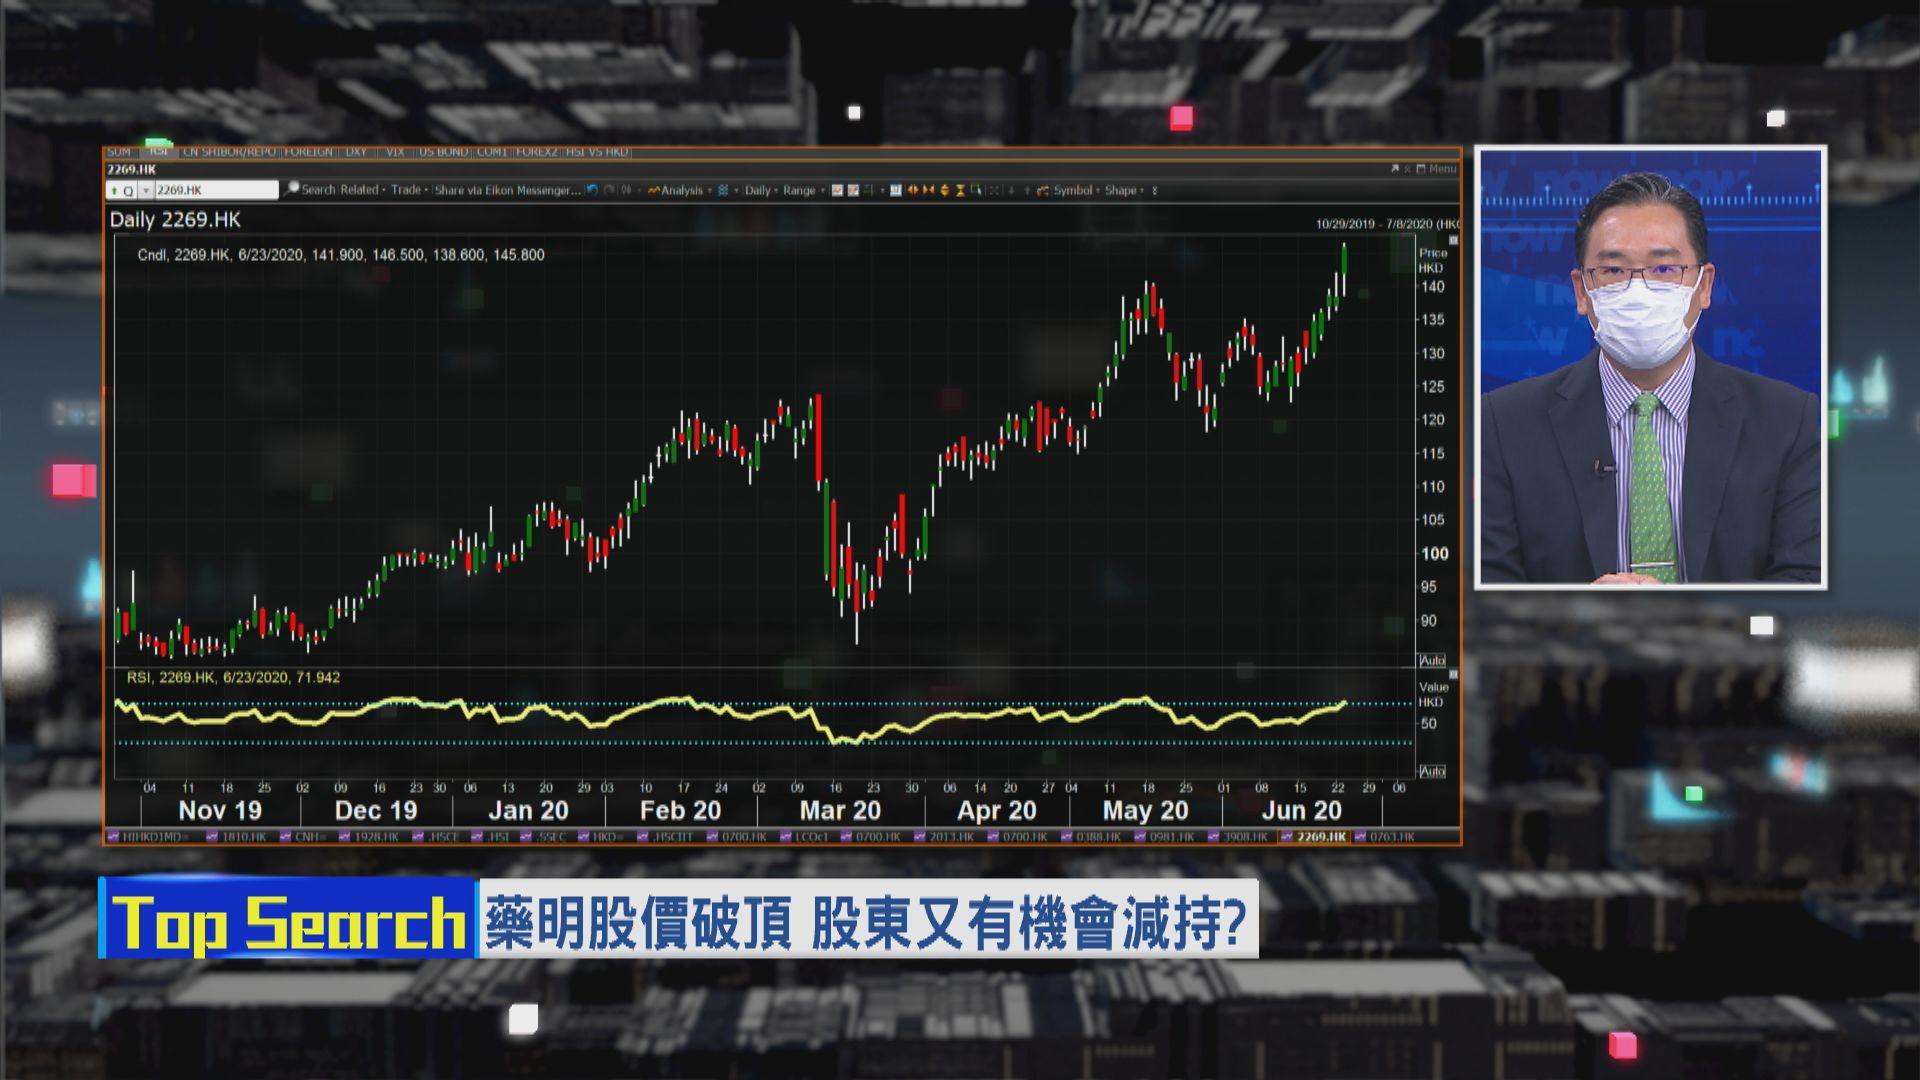 【財經TOP SEARCH】股東「減磅」藥明仲有得升?